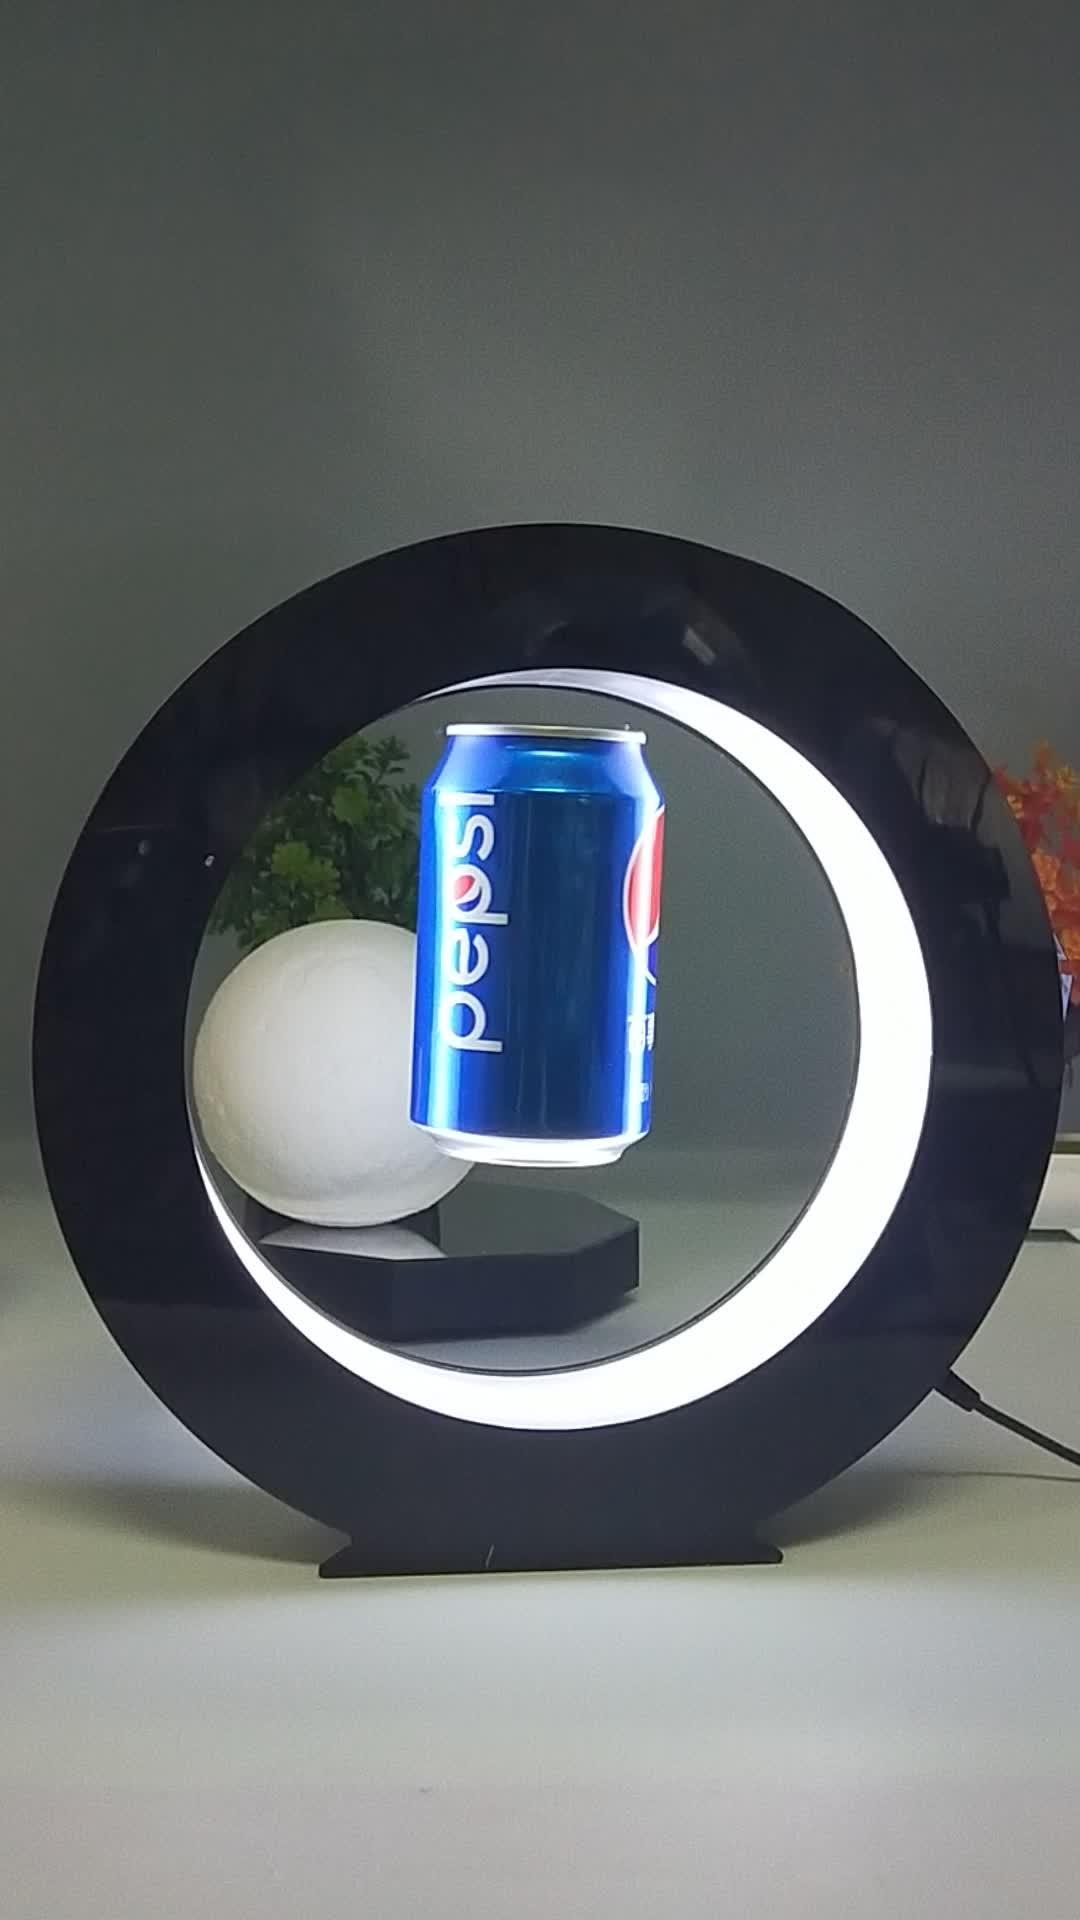 新デザイン磁気浮上ボトルと表示することができ & アクリル led 浮上ボトルディスプレイ